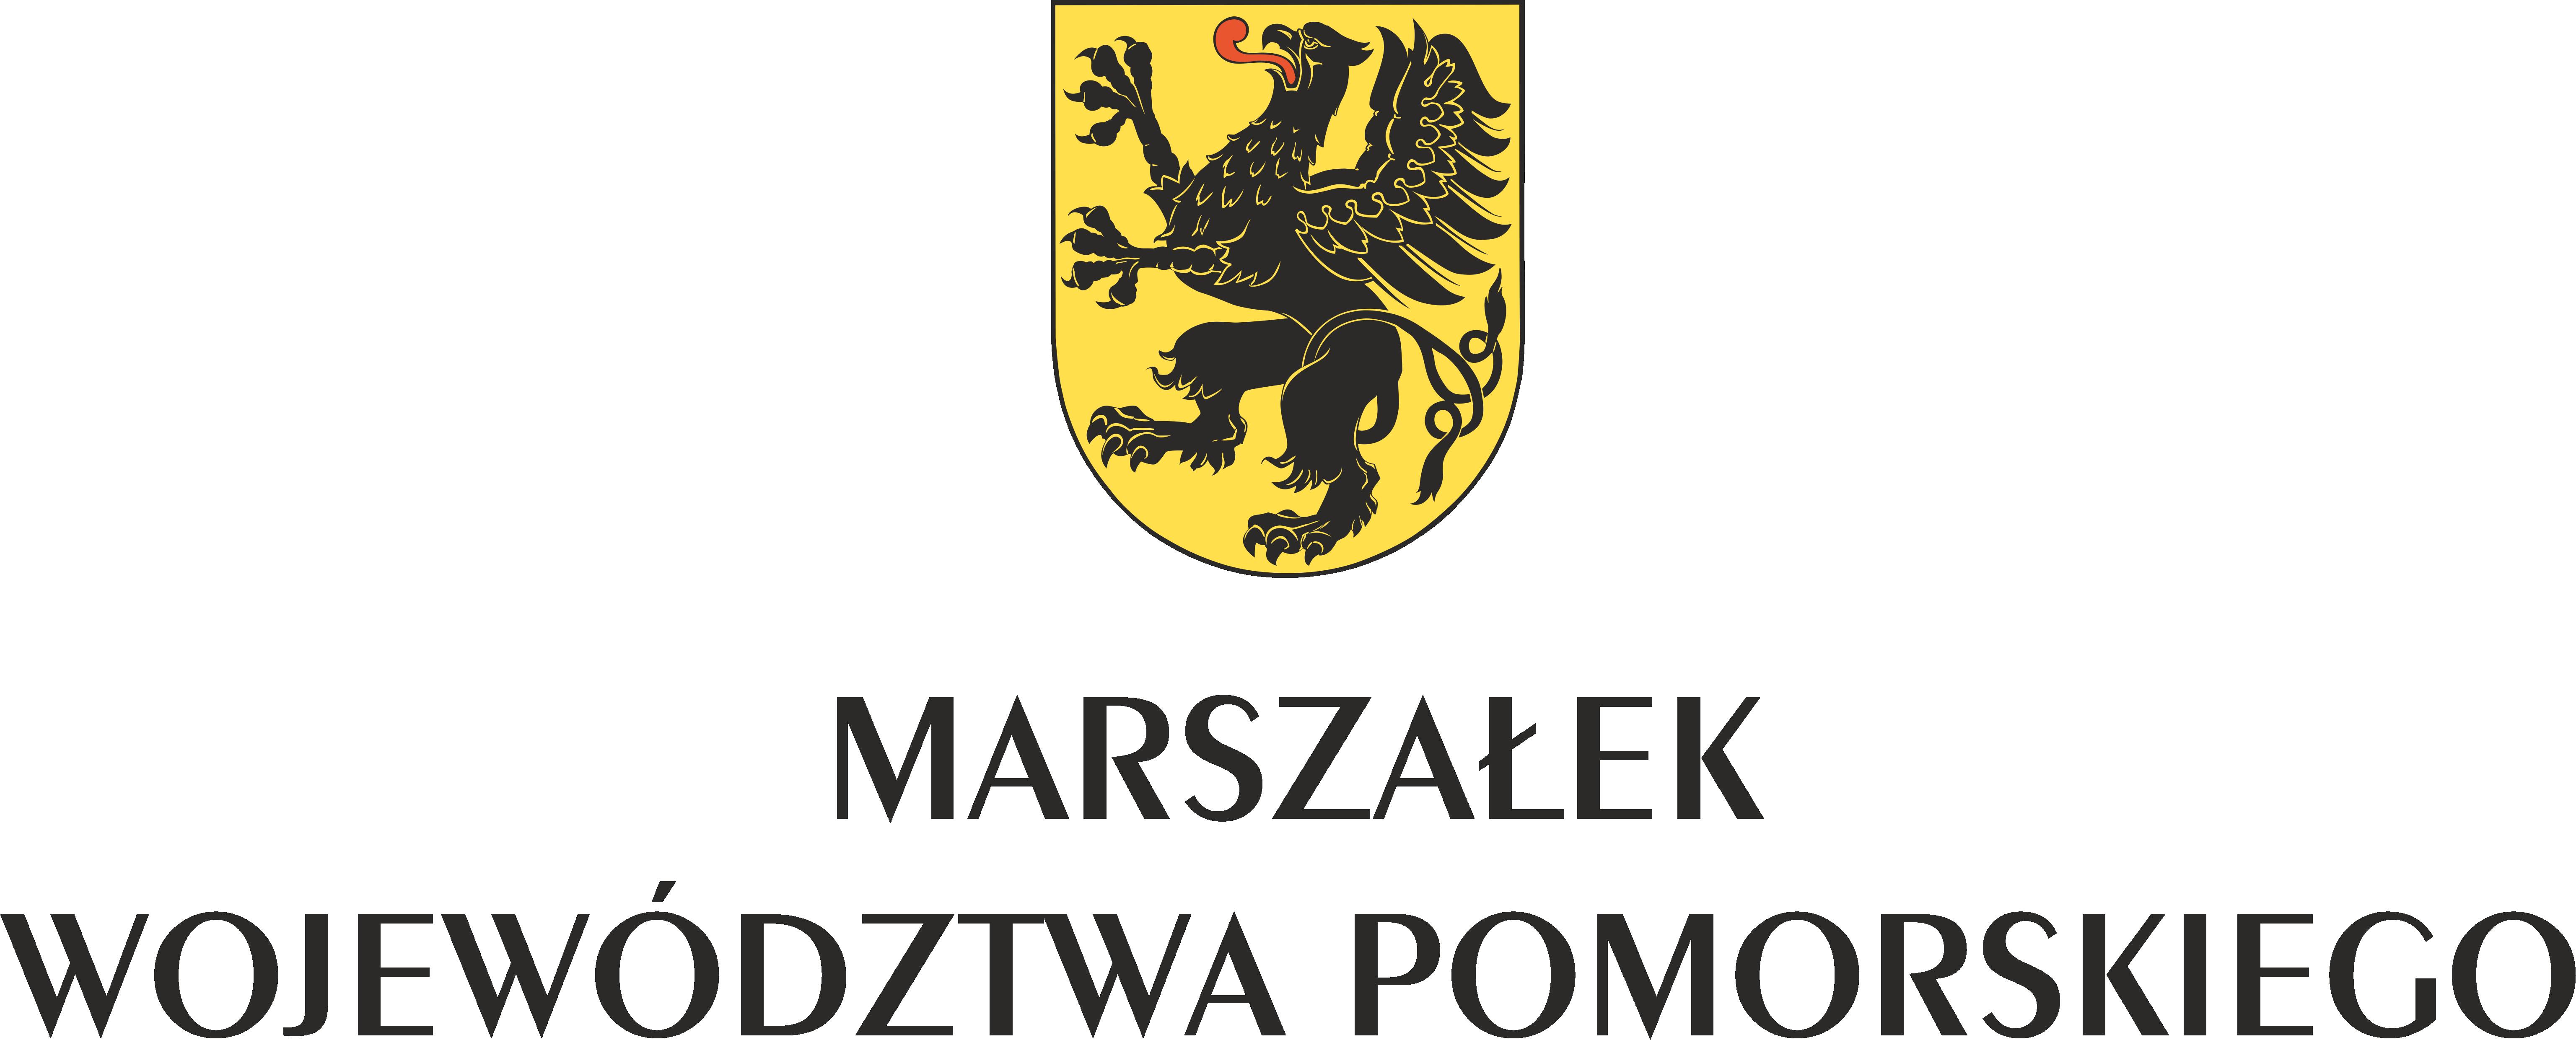 Marszałek Województwa Pomorskiego